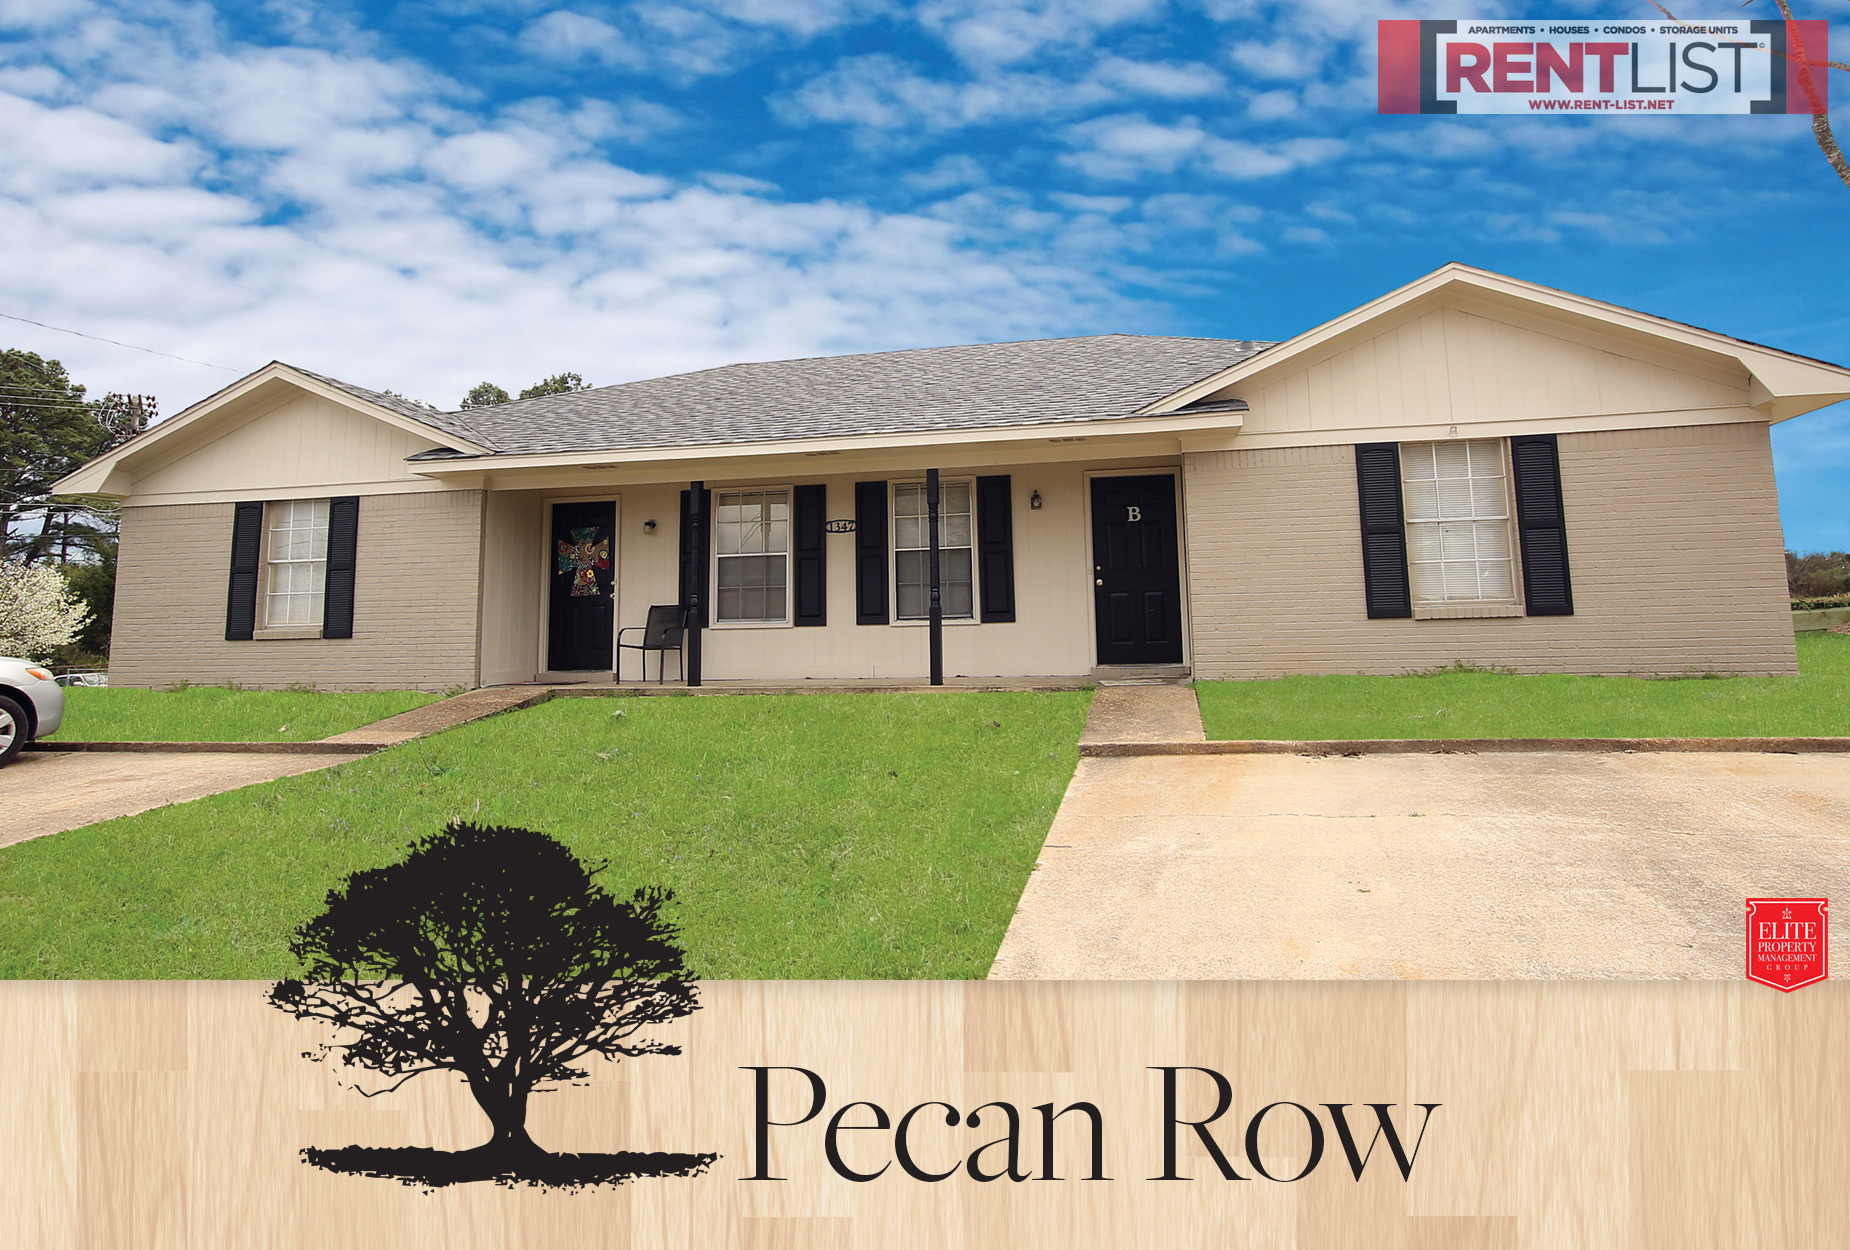 Max Rent  $615 & Pecan Row - Rent List